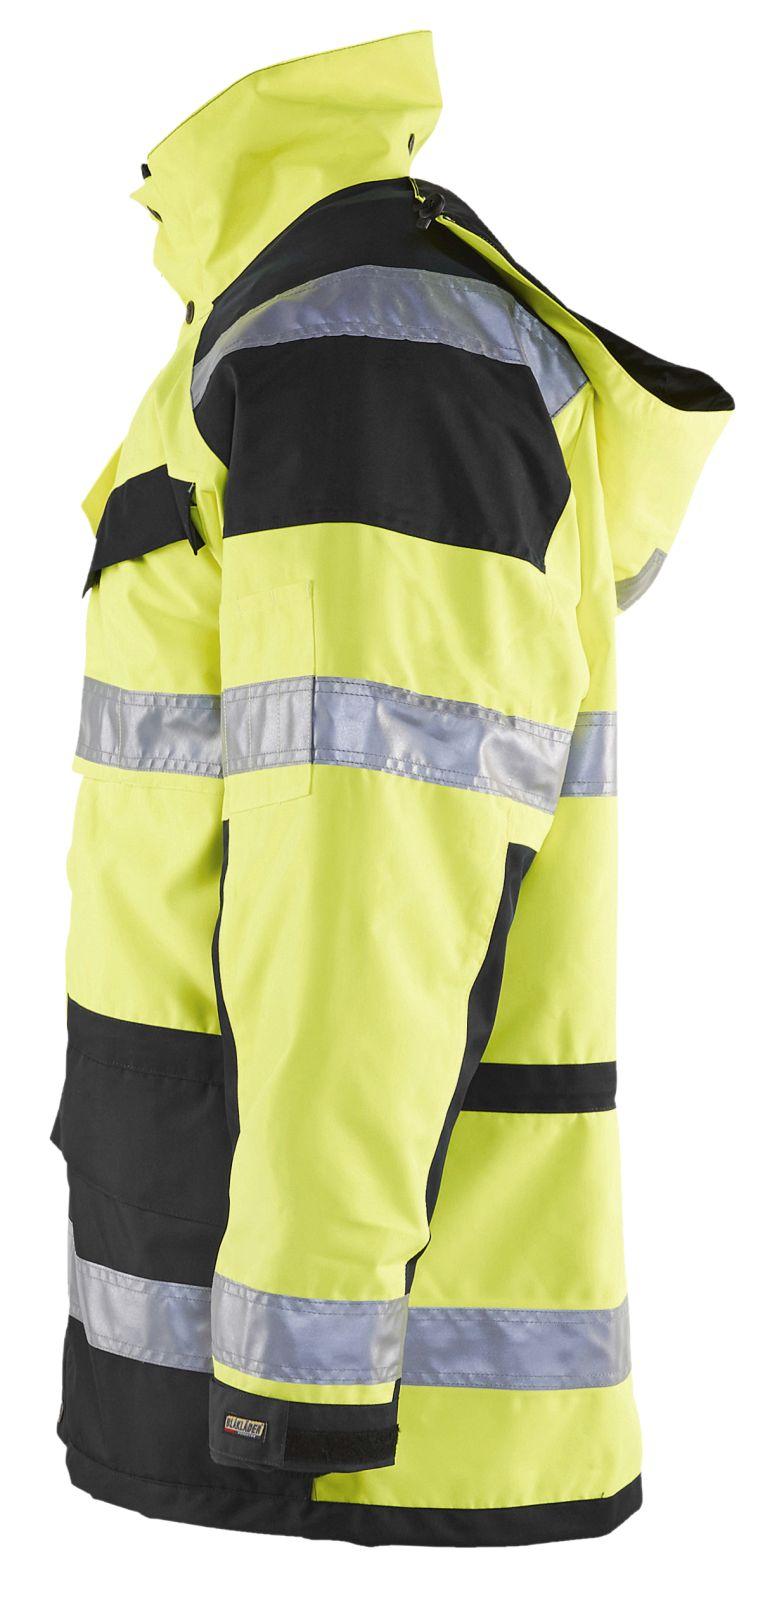 Blaklader Jassen 44261997 High Vis geel-zwart(3399)